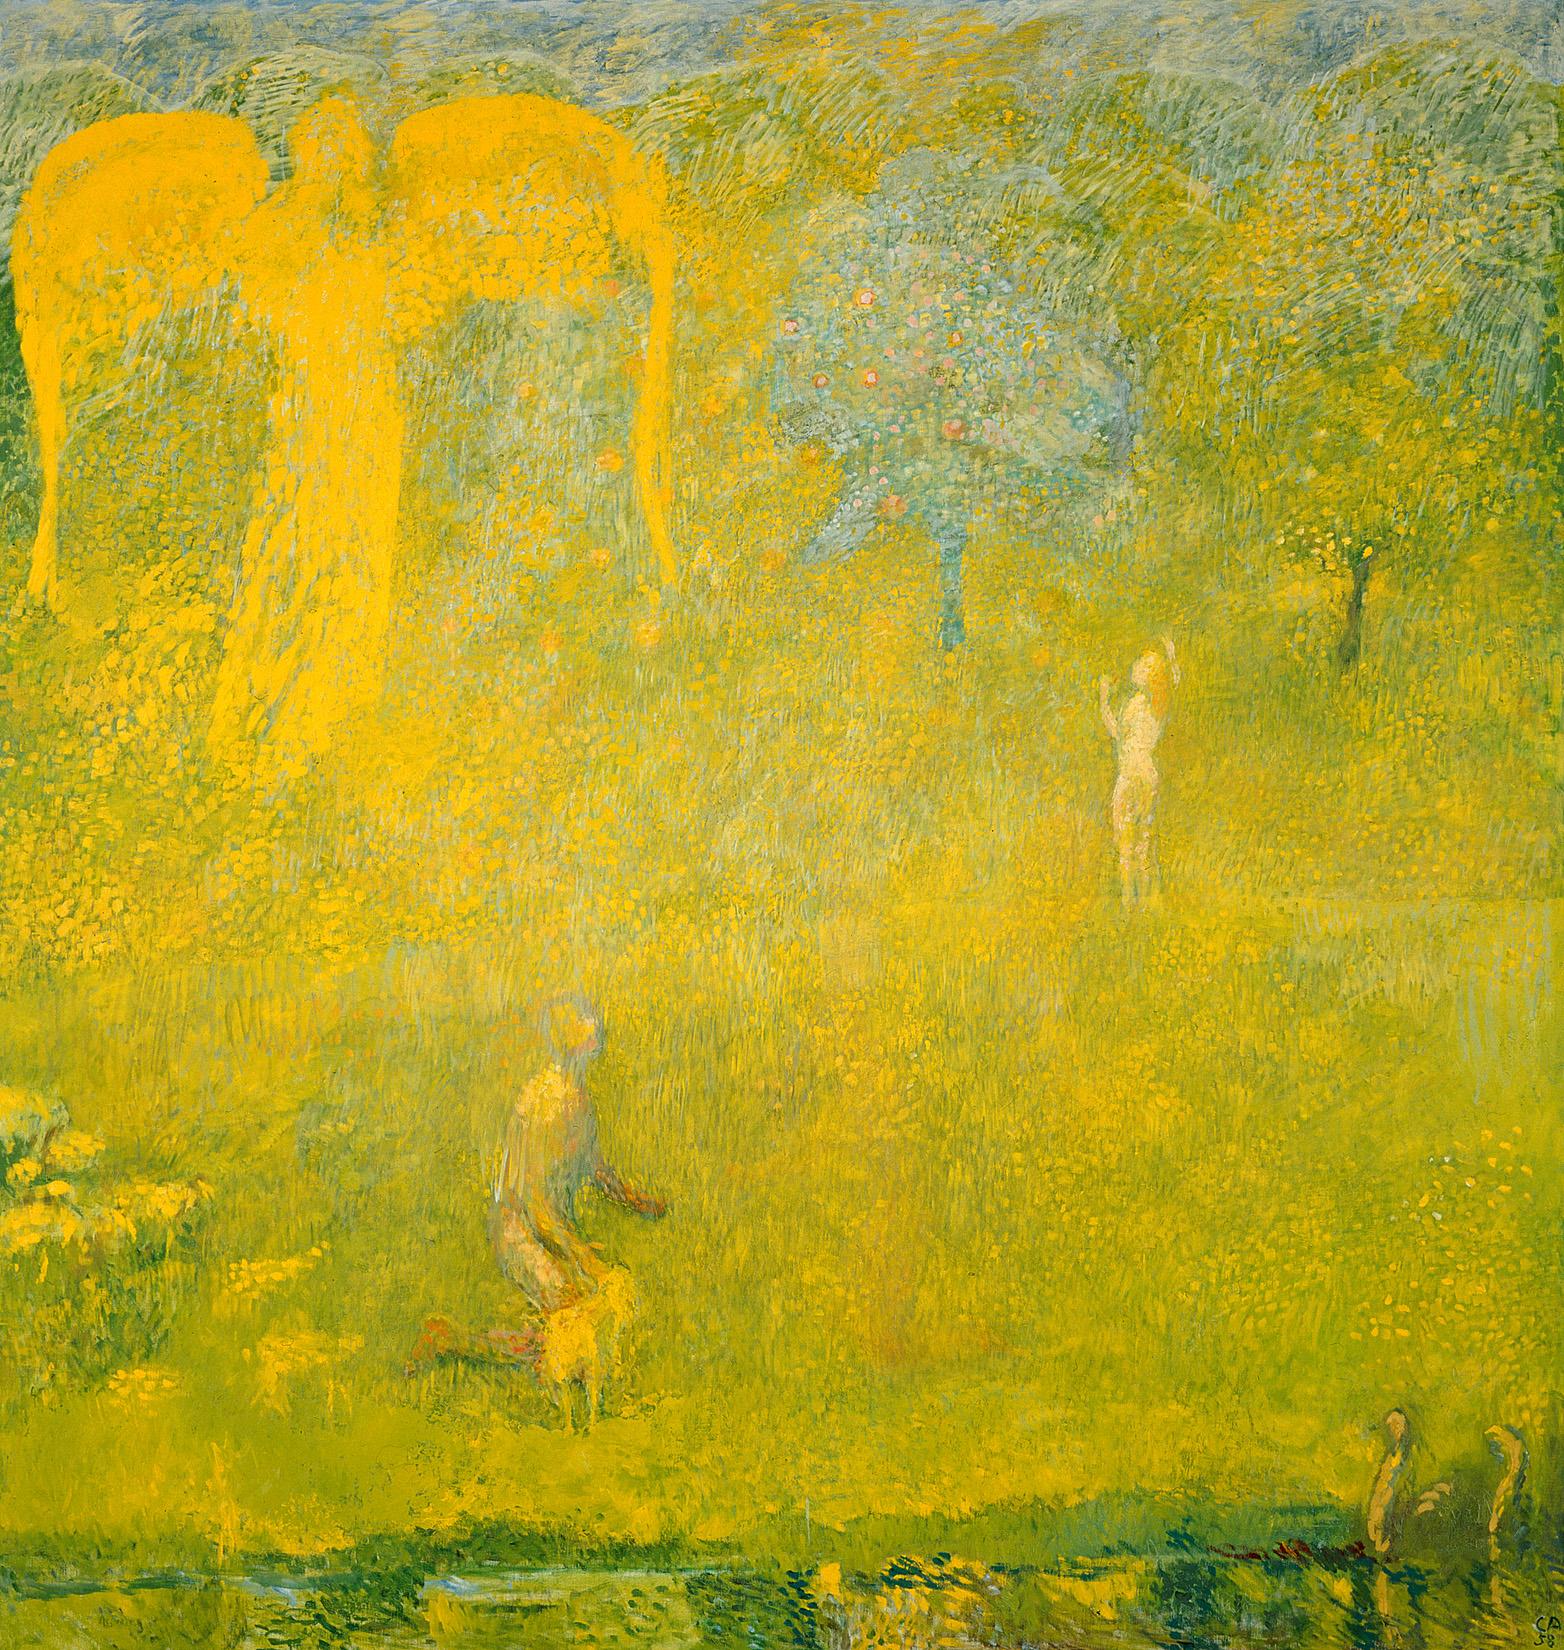 Cuno Amiet, Paradies, 1958